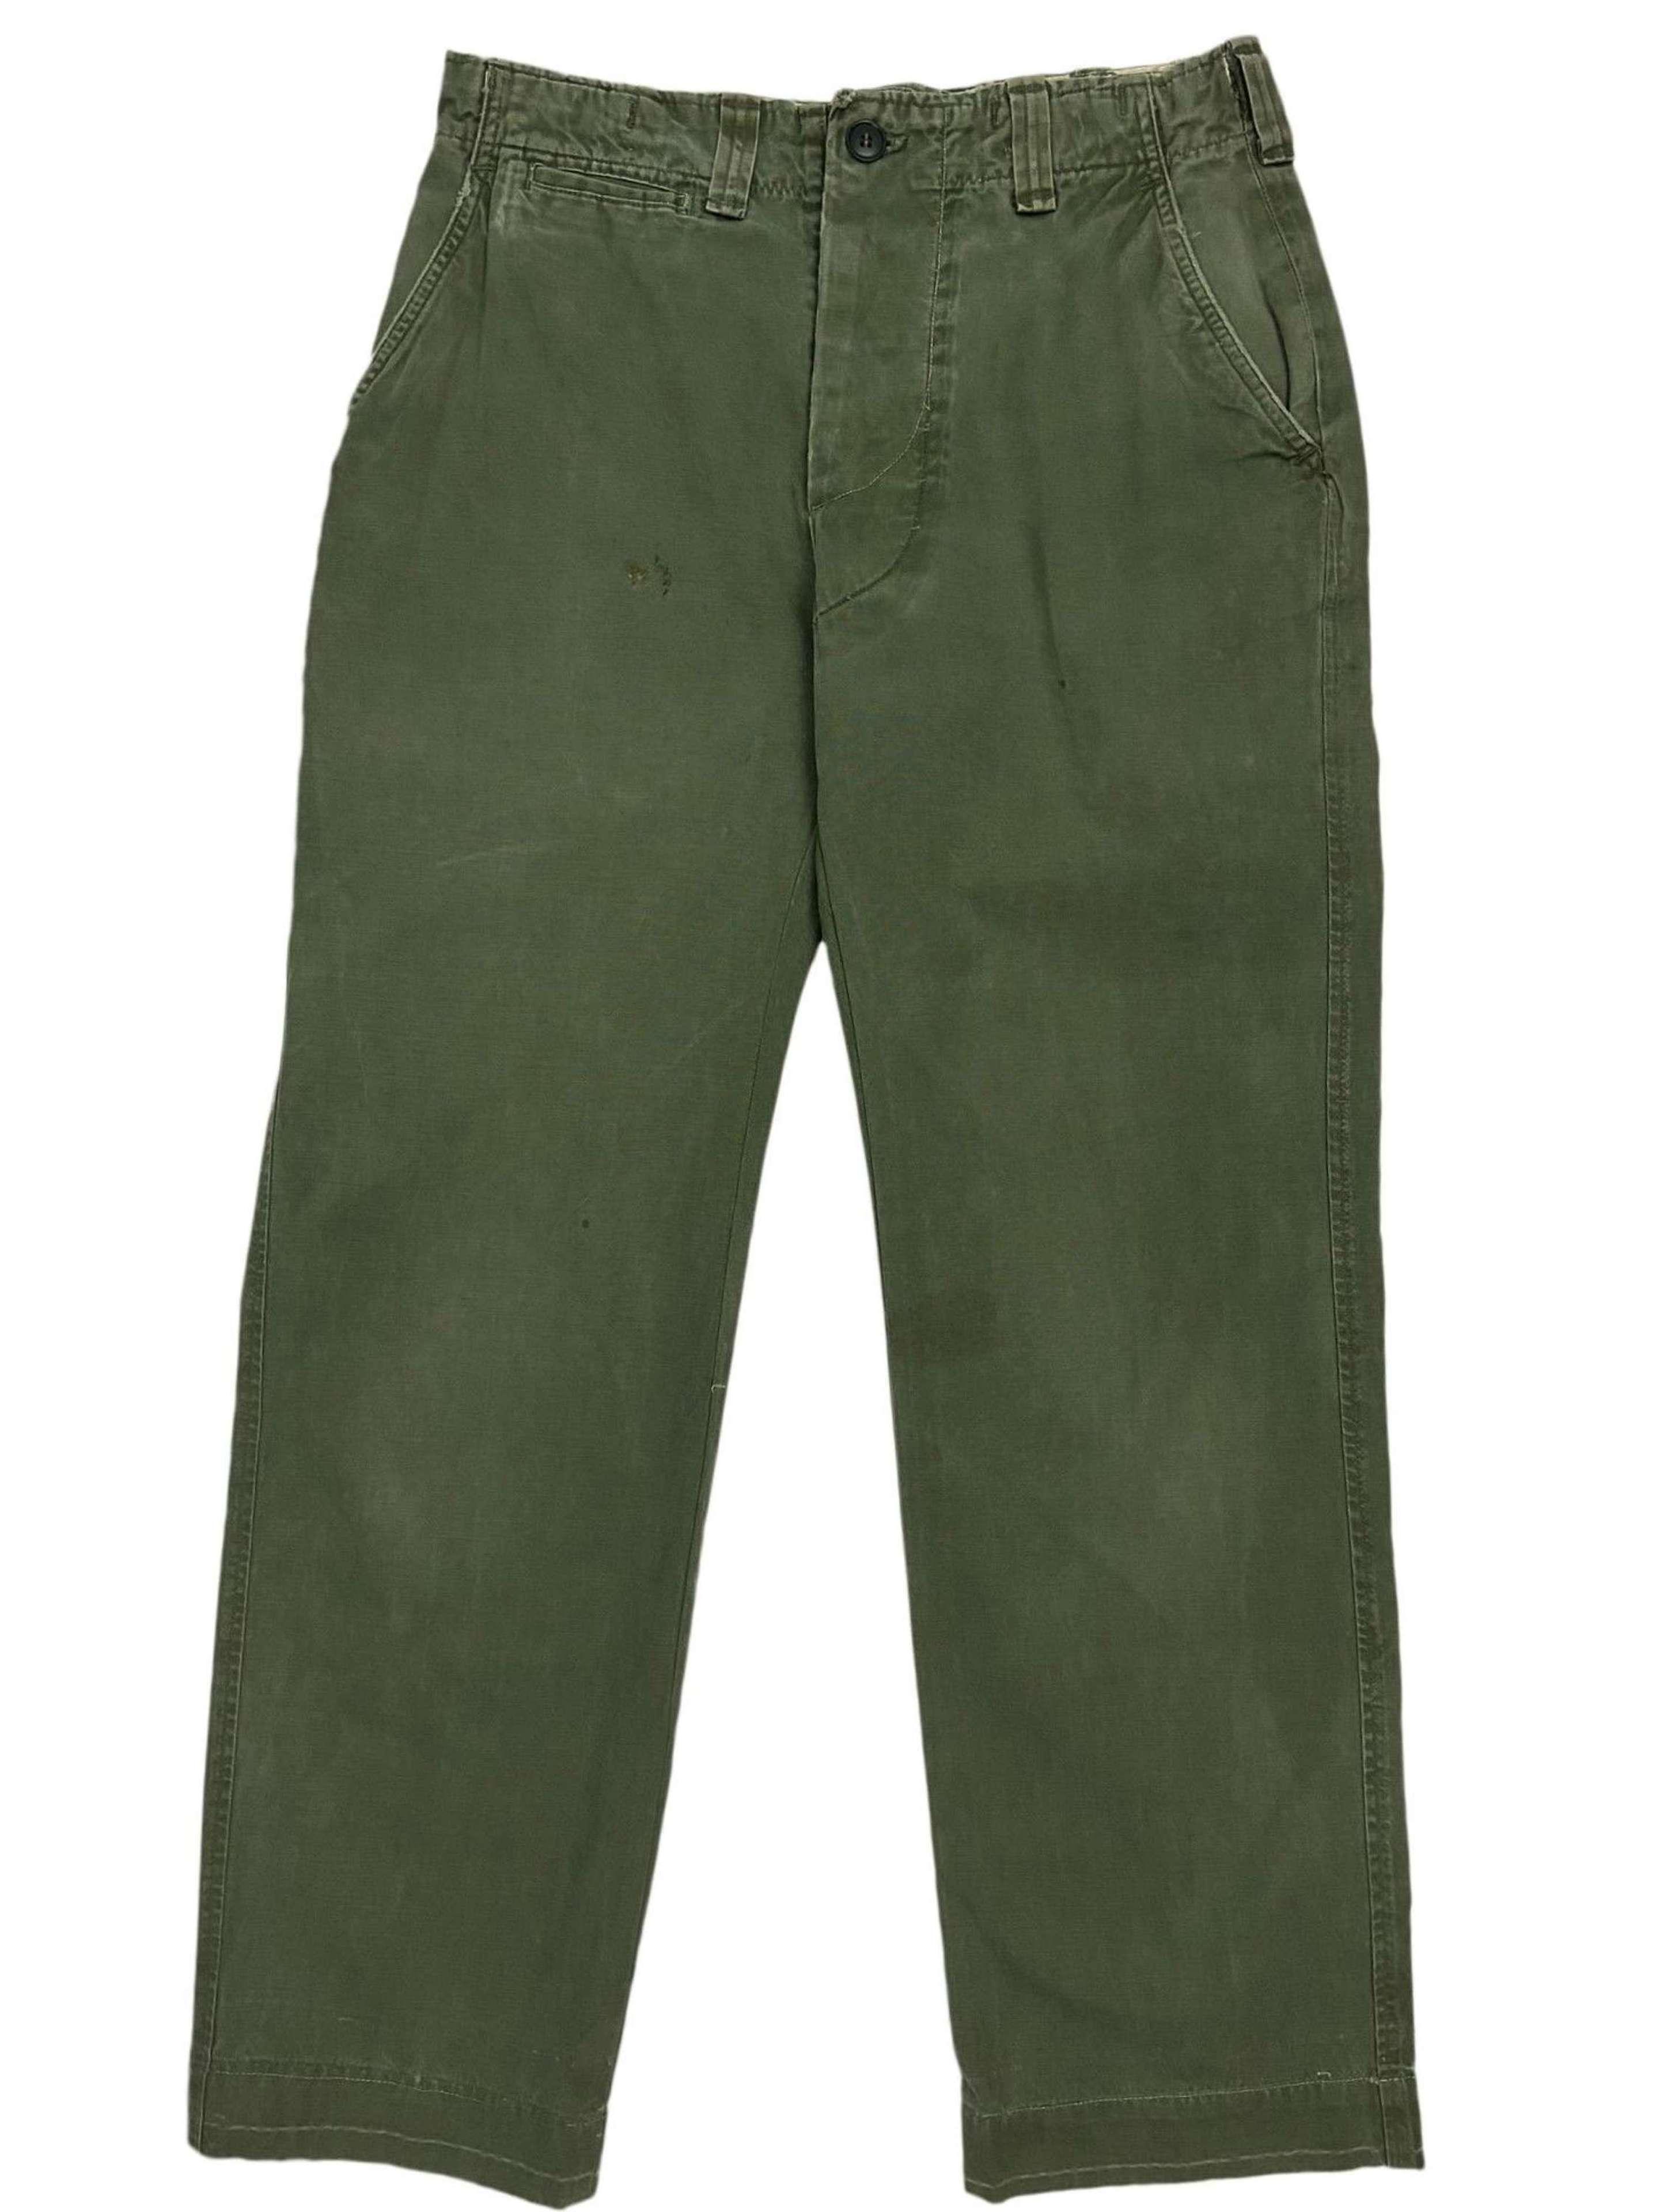 Original WW2 US Army M43 Combat Trousers - 30x28